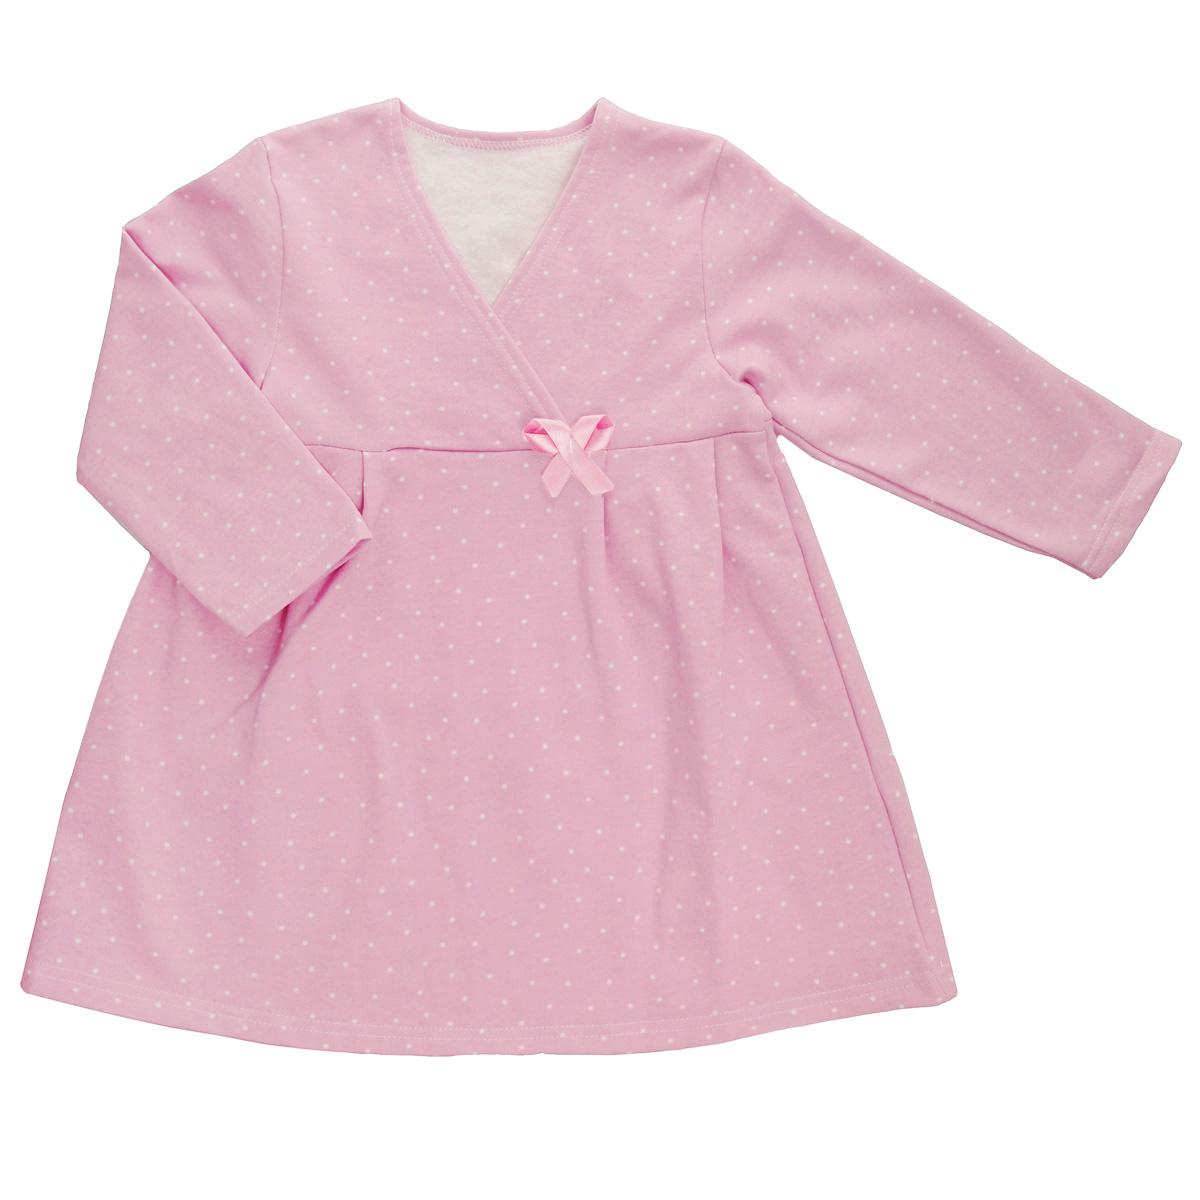 Сорочка ночная для девочки Трон-плюс, цвет: розовый, белый, рисунок горох. 5522. Размер 110/116, 4-8 лет5522Яркая сорочка Трон-плюс идеально подойдет вашей малышке и станет отличным дополнением к детскому гардеробу. Теплая сорочка, изготовленная из футера - натурального хлопка, необычайно мягкая и легкая, не сковывает движения ребенка, позволяет коже дышать и не раздражает даже самую нежную и чувствительную кожу малыша. Сорочка трапециевидного кроя с длинными рукавами, V-образным вырезом горловины. Полочка состоит из двух частей, заходящих друг на друга. По переднему и заднему полотнищам юбки заложены небольшие складки. Сорочка оформлена атласным бантиком.В такой сорочке ваш ребенок будет чувствовать себя комфортно и уютно во время сна.